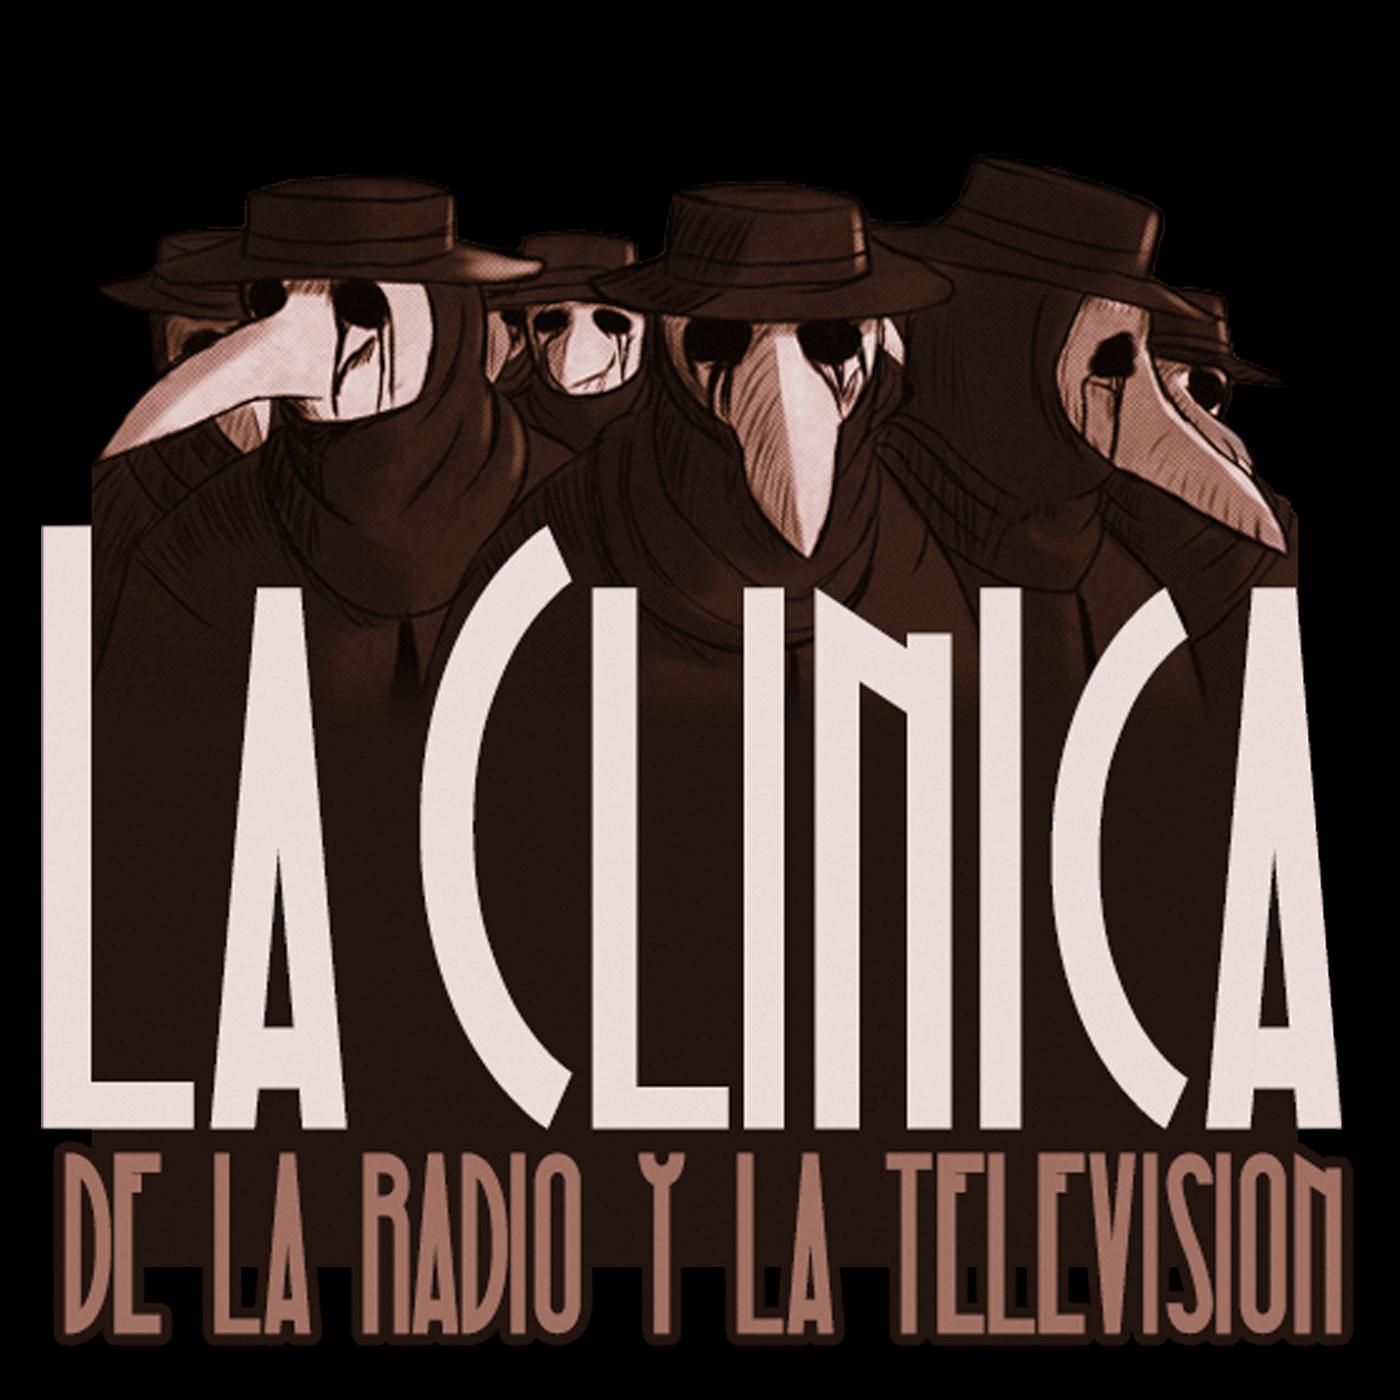 La clínica de la radio y la televisión